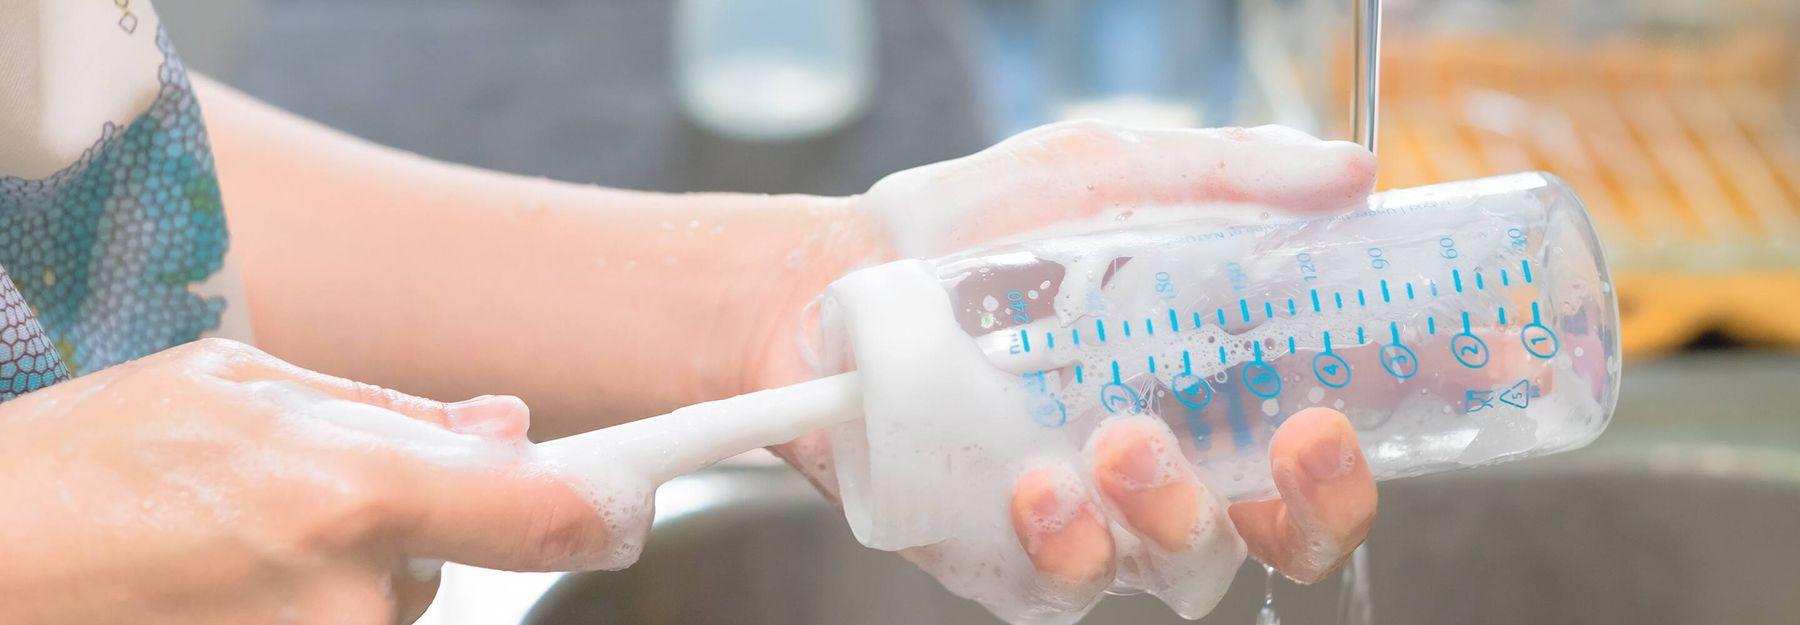 Tẩy từng bộ phận với nước rửa bình sữa